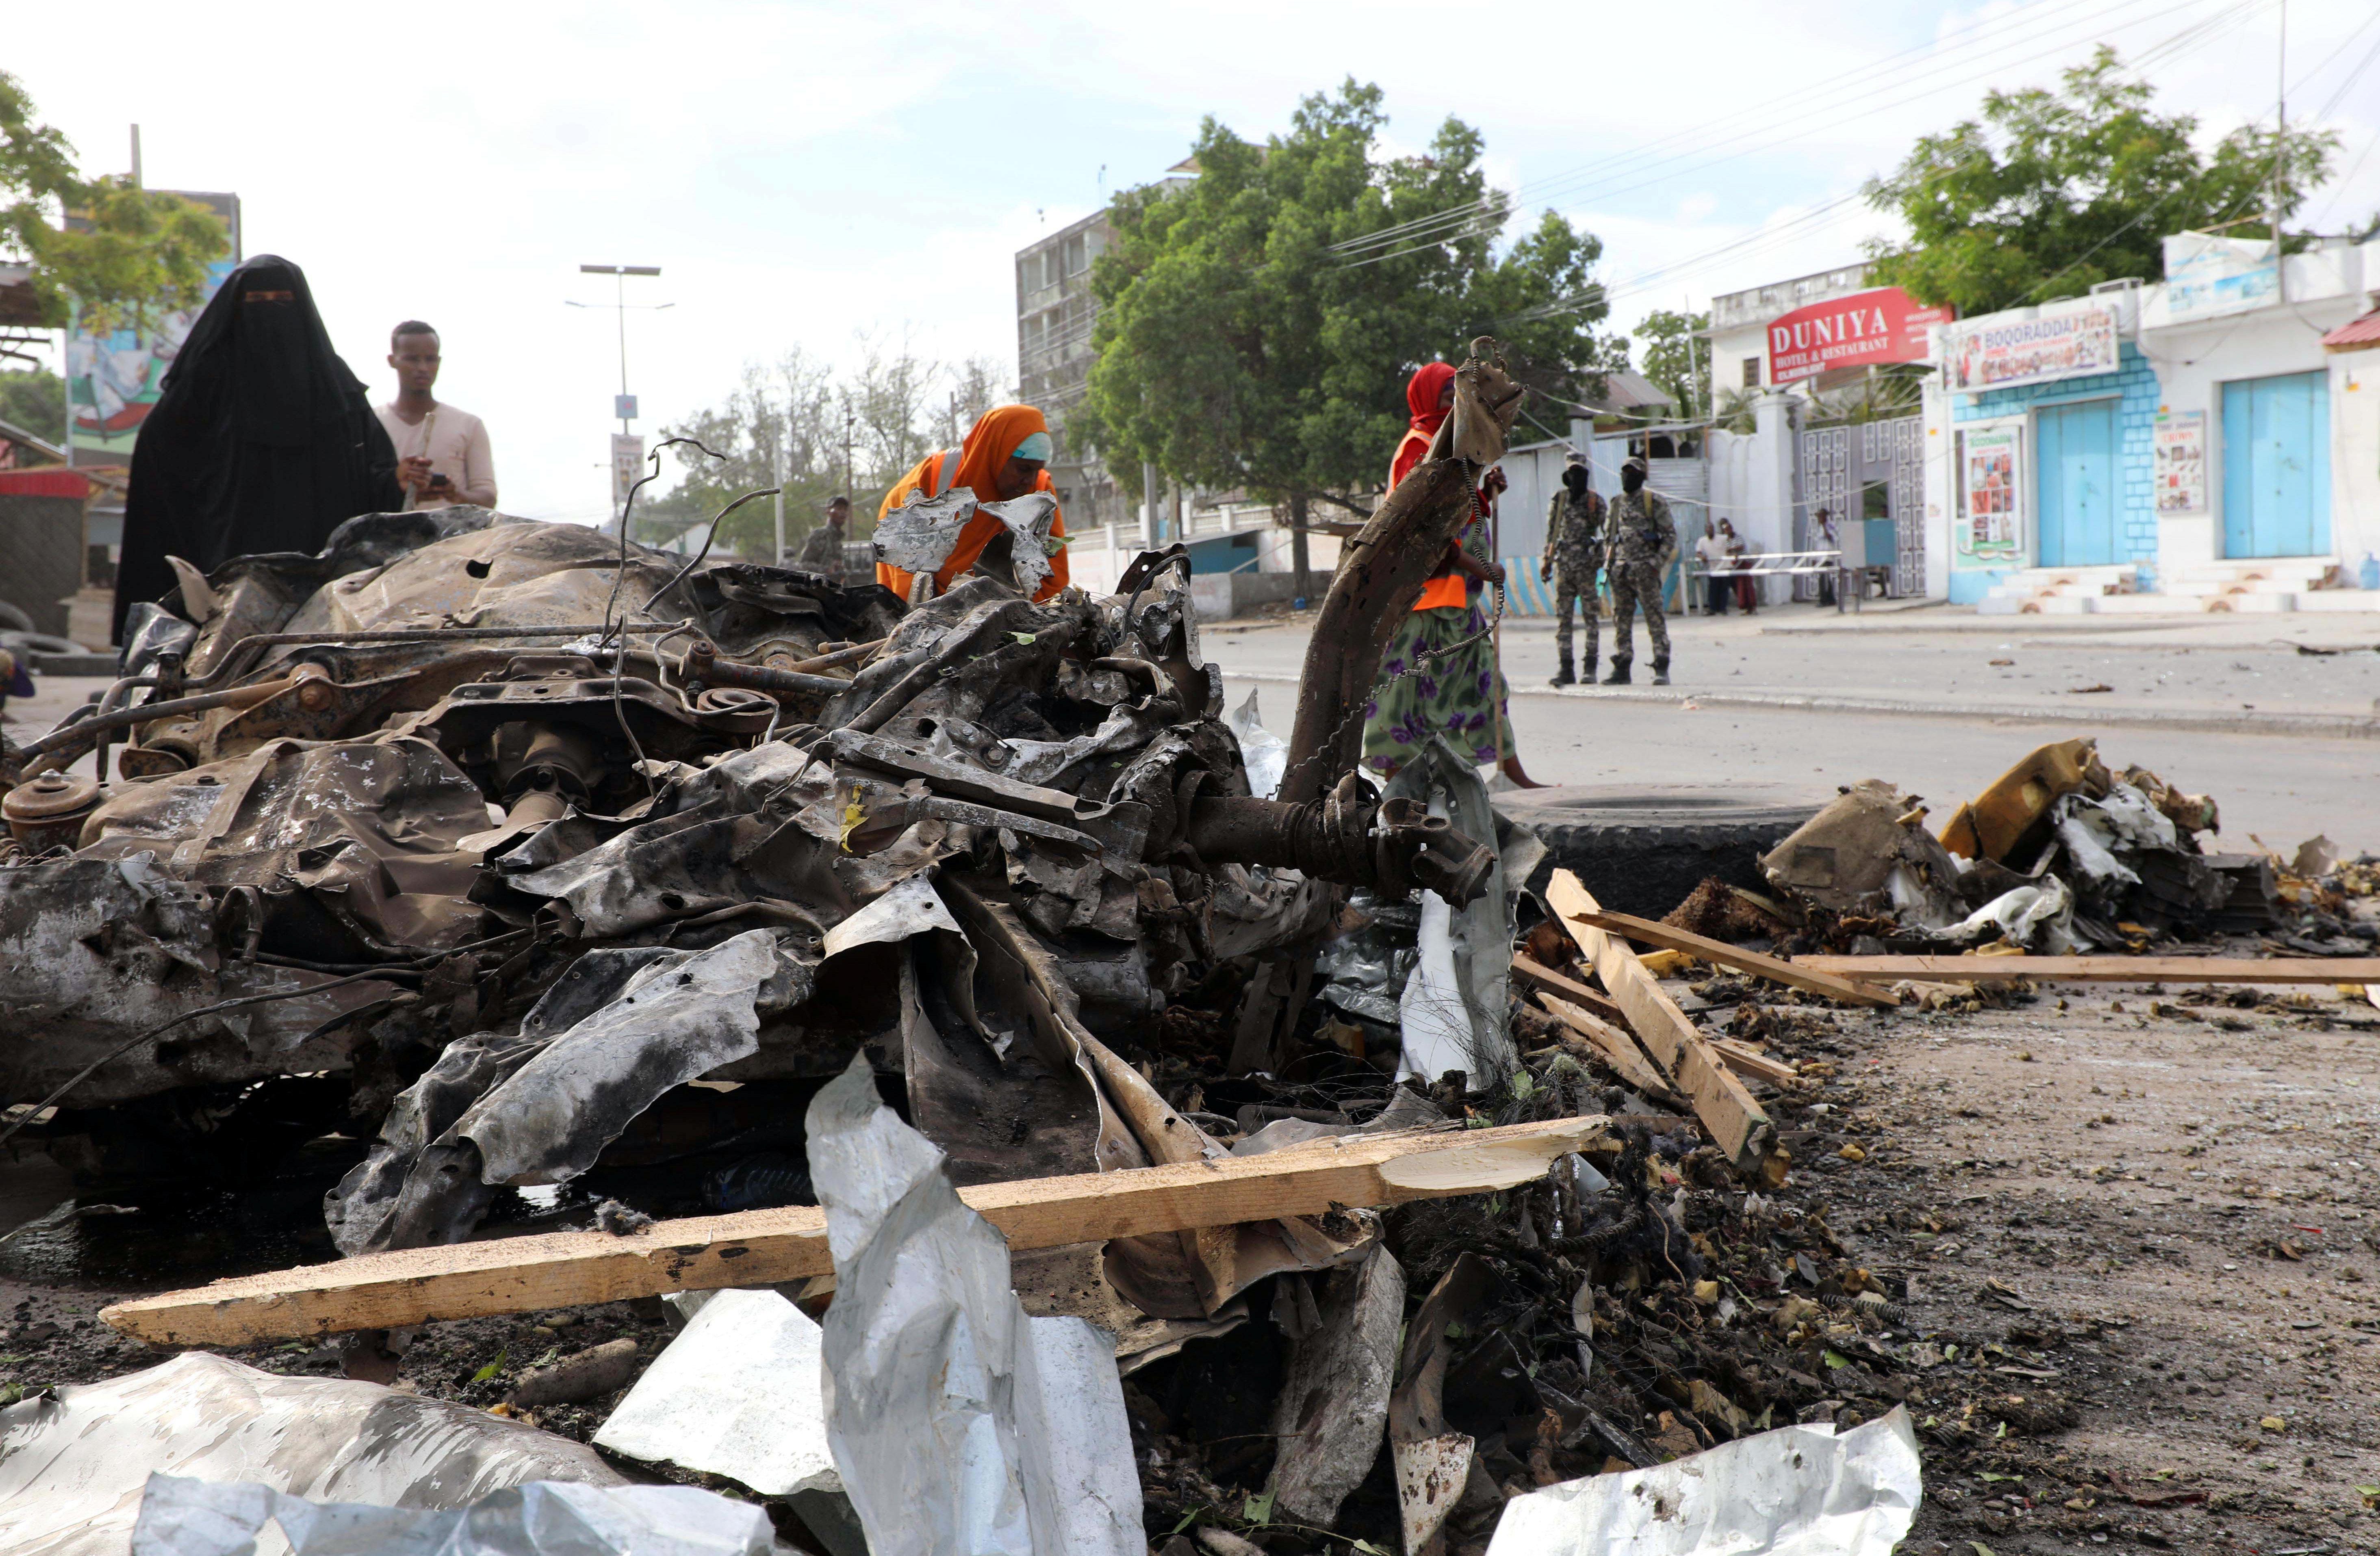 Σομαλία: Επτά νεκροί σε δύο βομβιστικές επιθέσεις στη